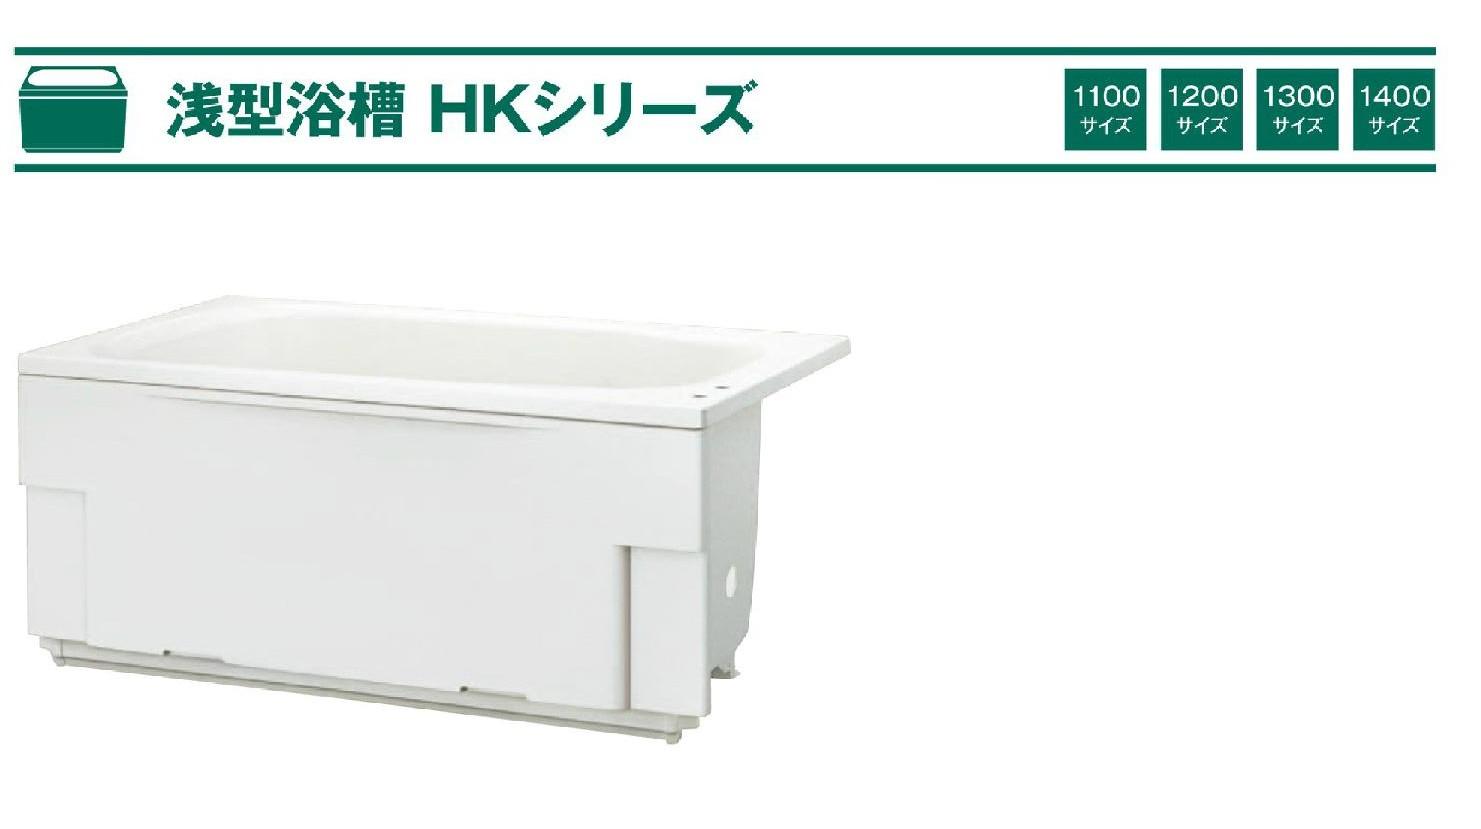 ハウステック FRP浴槽 1200サイズ HK-1272A7-1LA-L/R 1方全エプロン 循環穴、水栓穴加工あり アジャストカバー付 送料無料 沖縄、北海道、離島はご注文不可